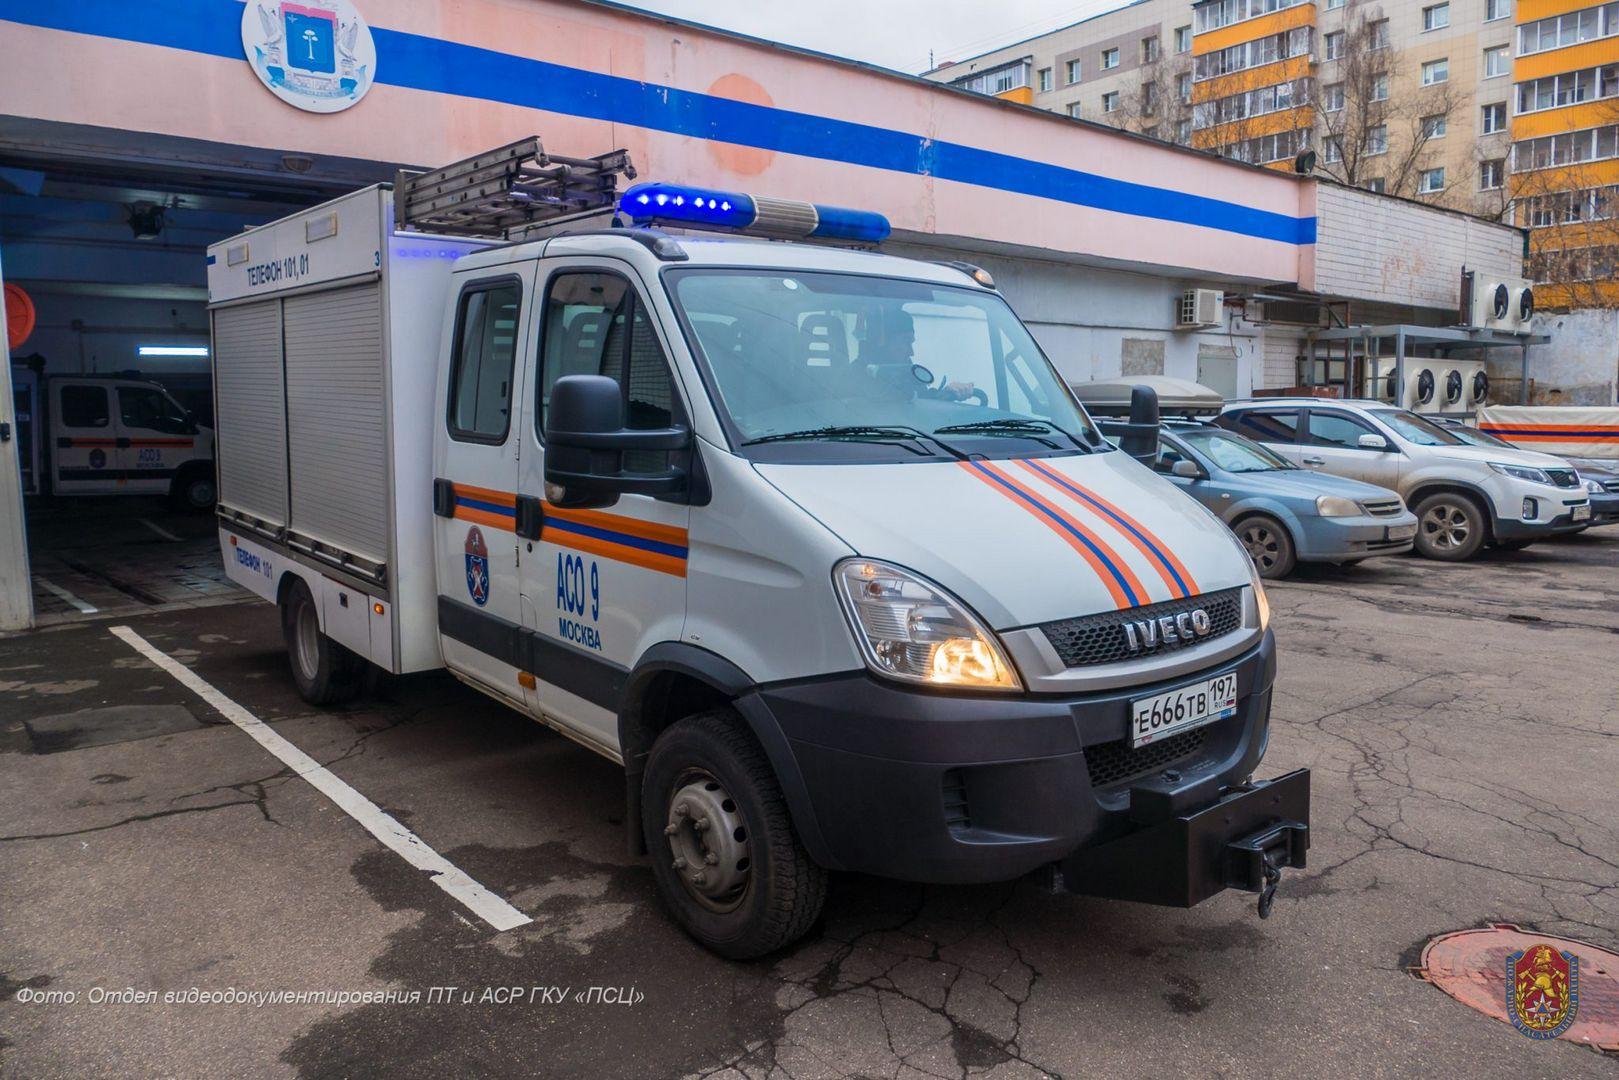 Аварийно-спасательный отряд